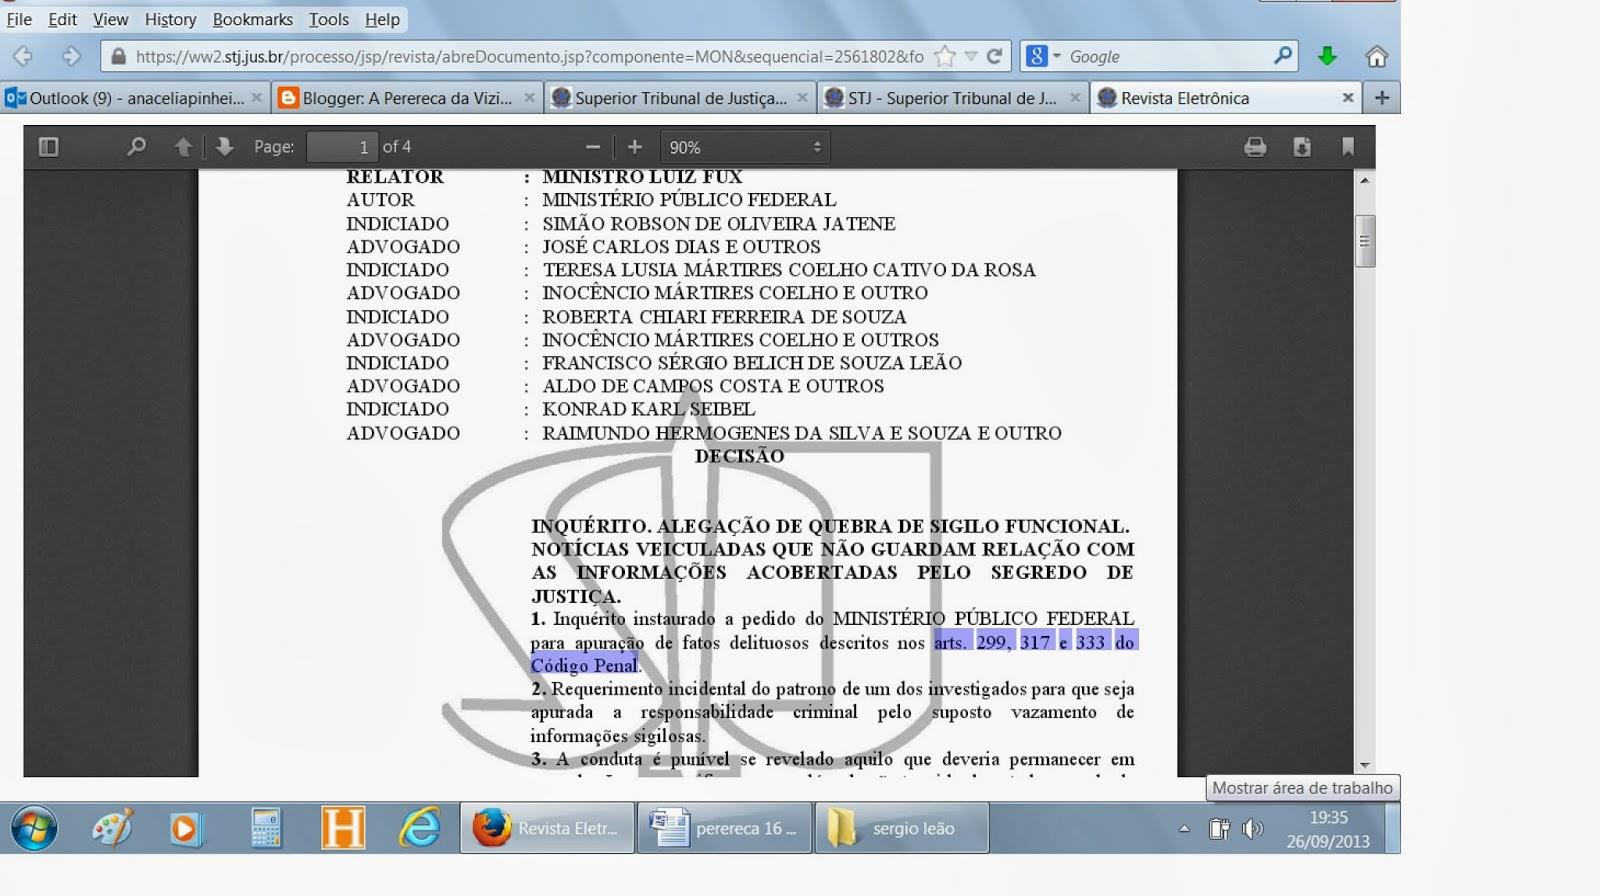 Artigo 299 do codigo penal